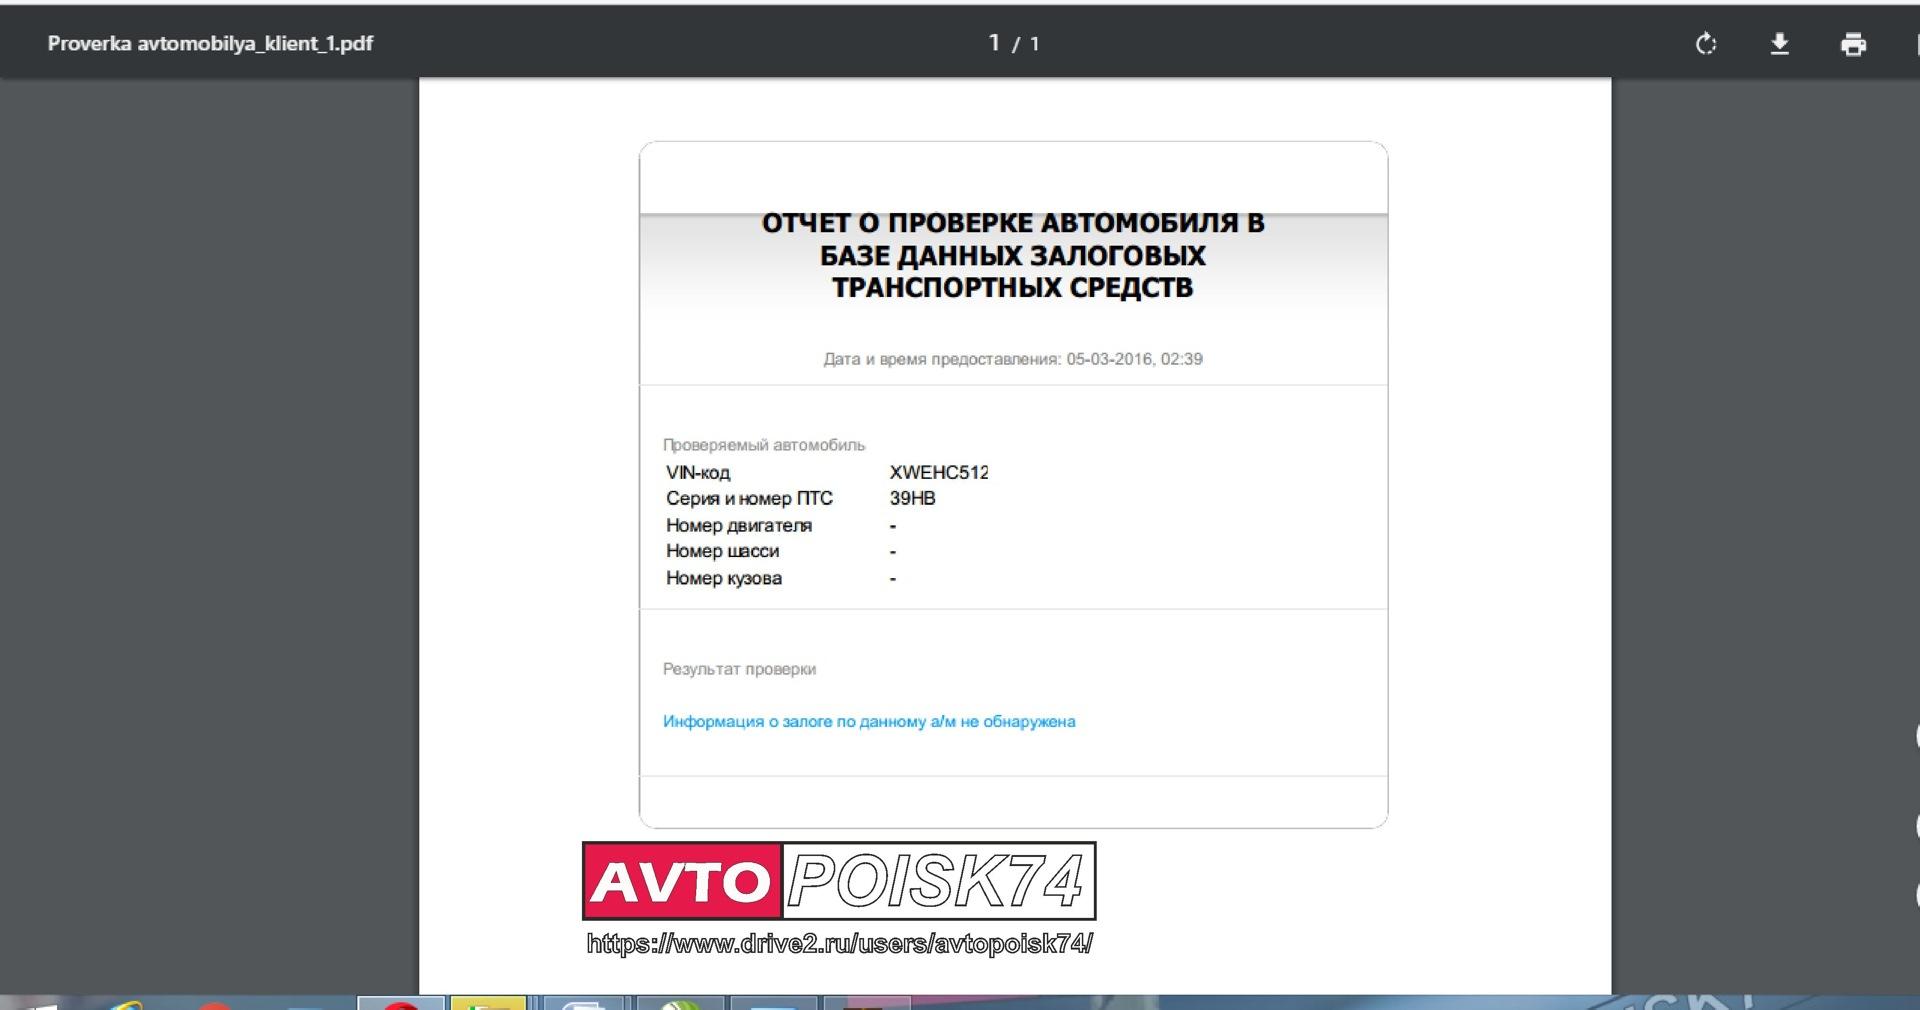 проверить авто у нотариуса по винхоум кредит телефон горячей линии бесплатный для физических лиц смоленск